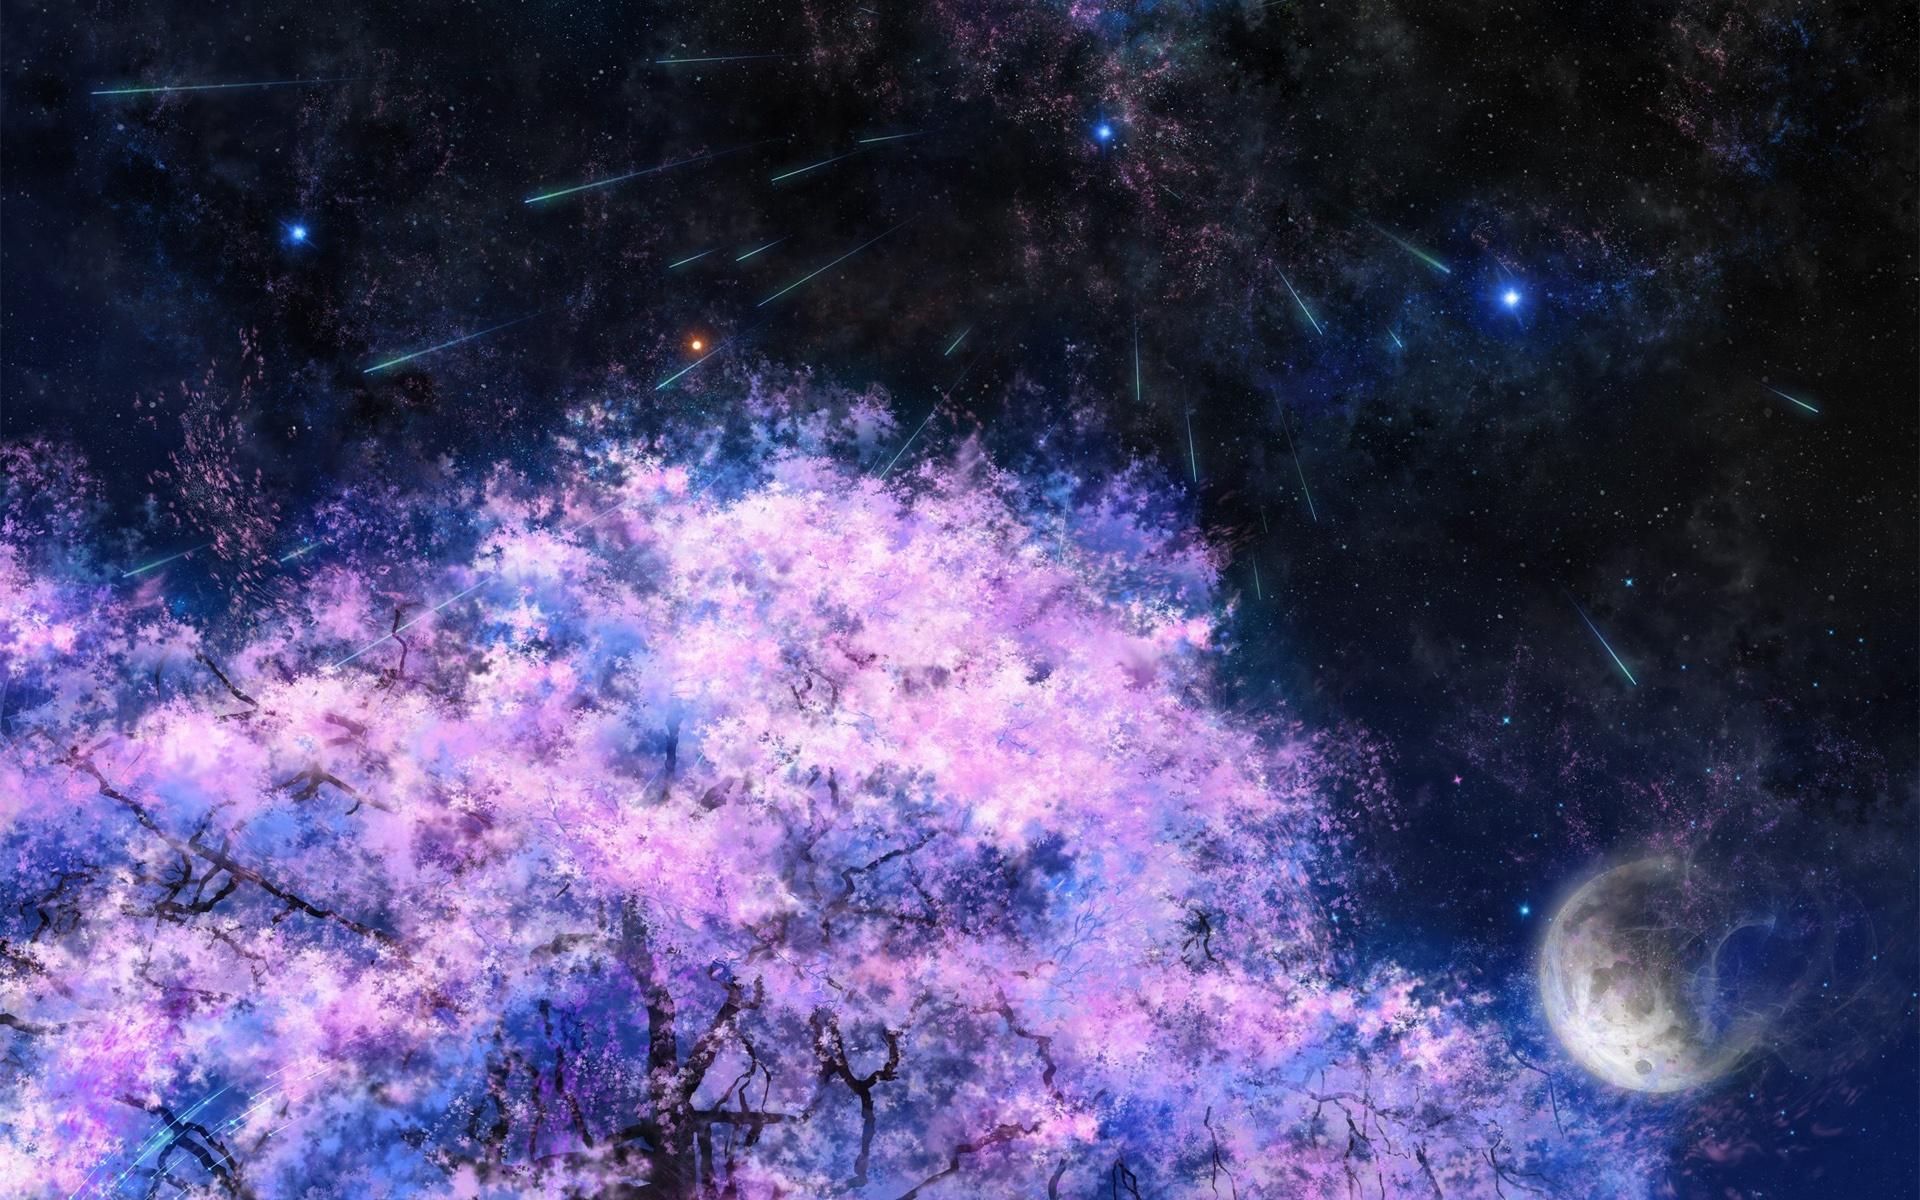 Download This Wallpaper Anime Night Sakura Tree 1560135 Hd